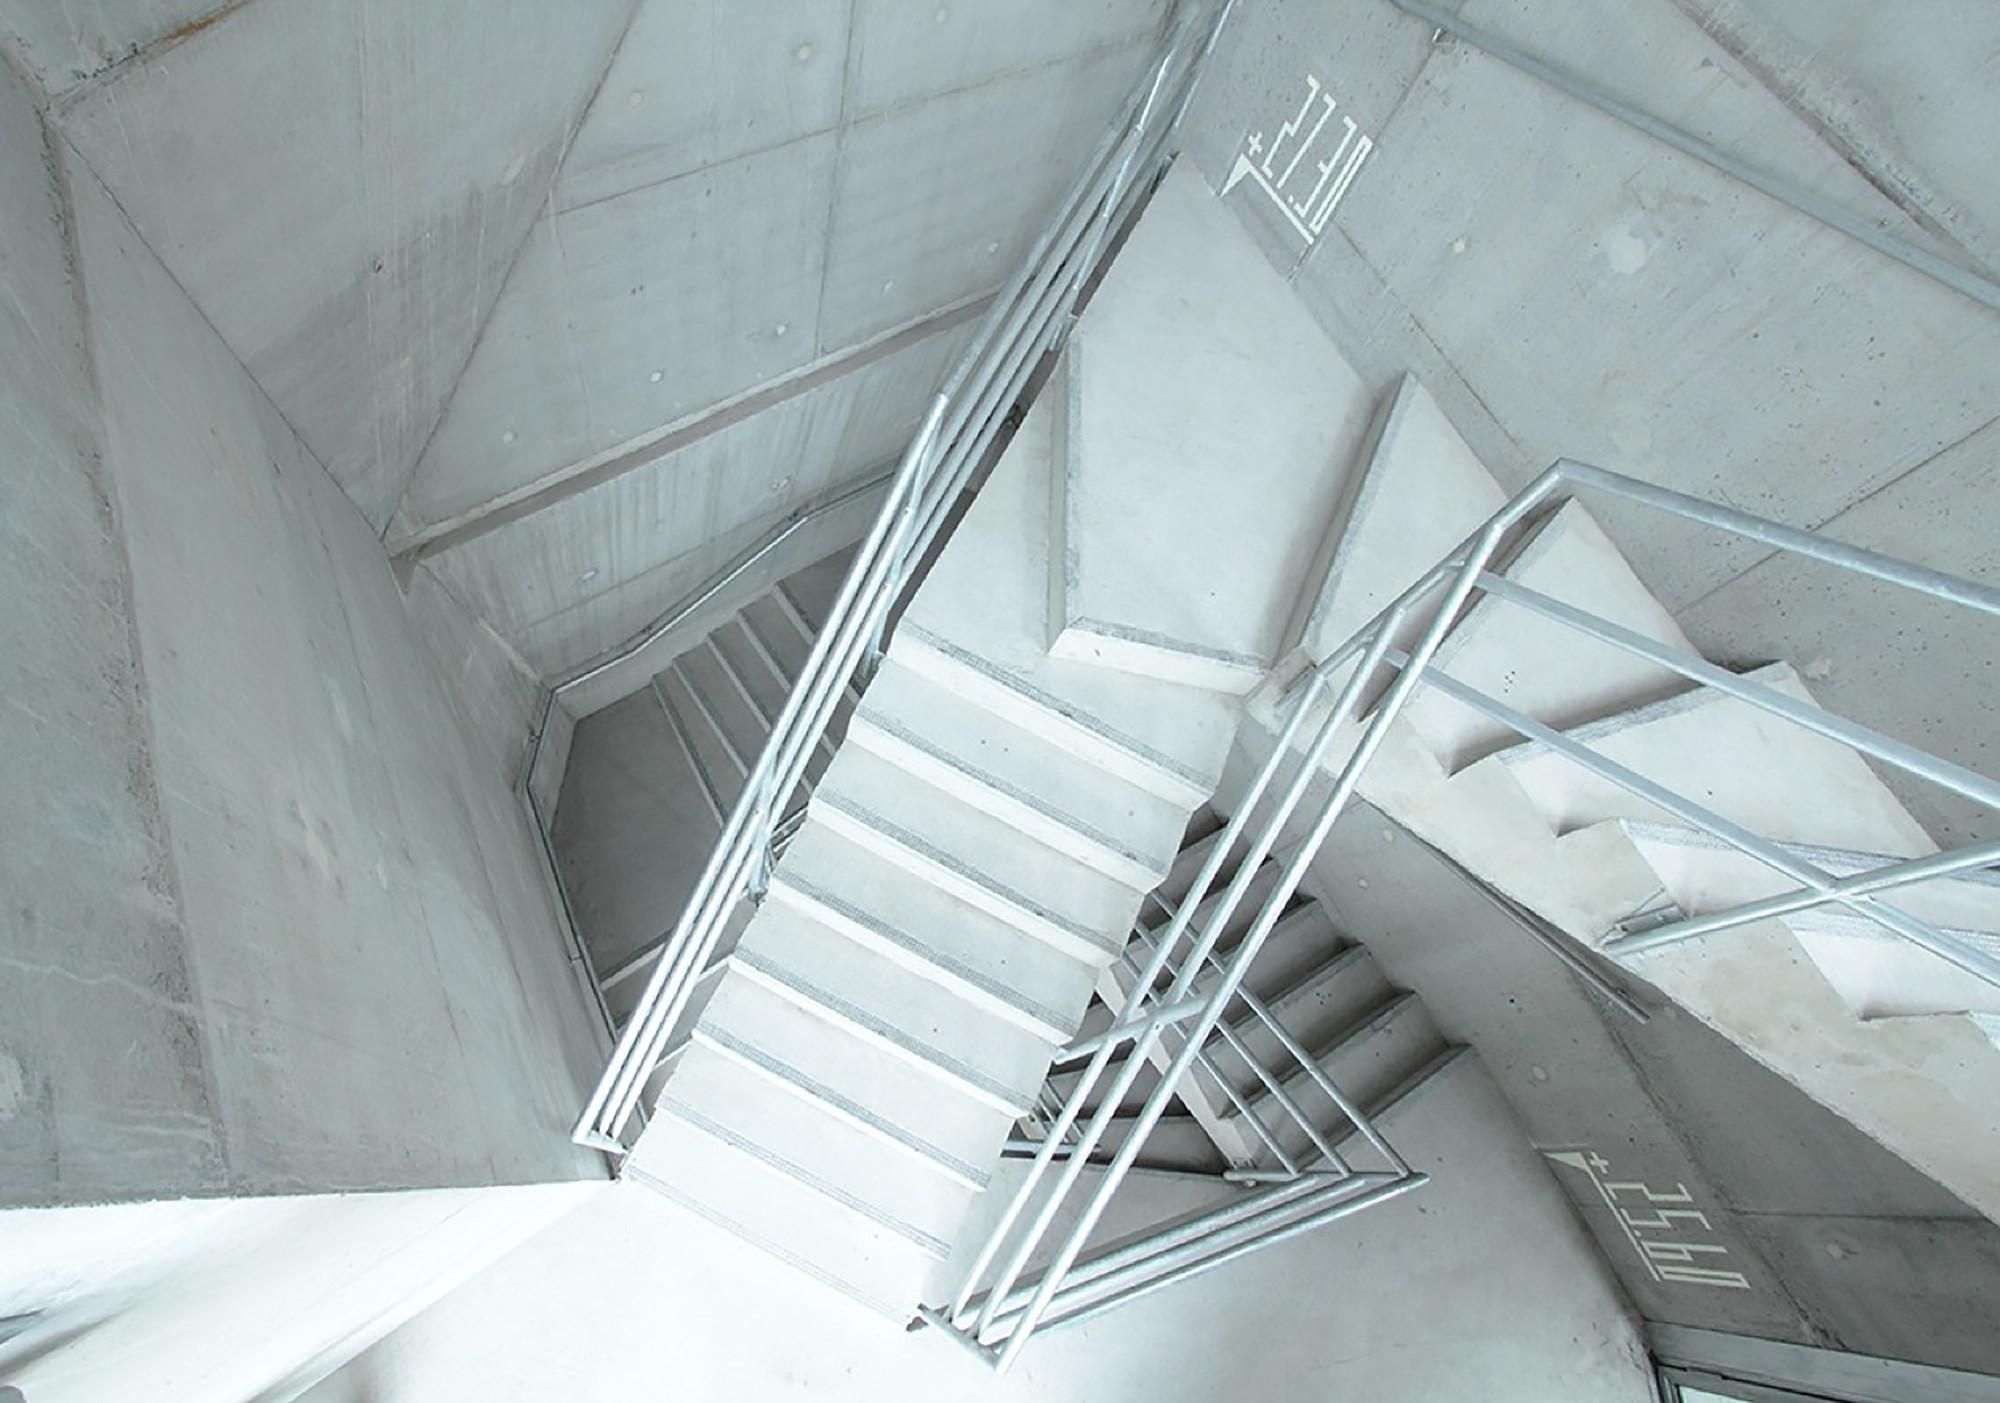 Cortesía de Coll-Barreu Arquitectos